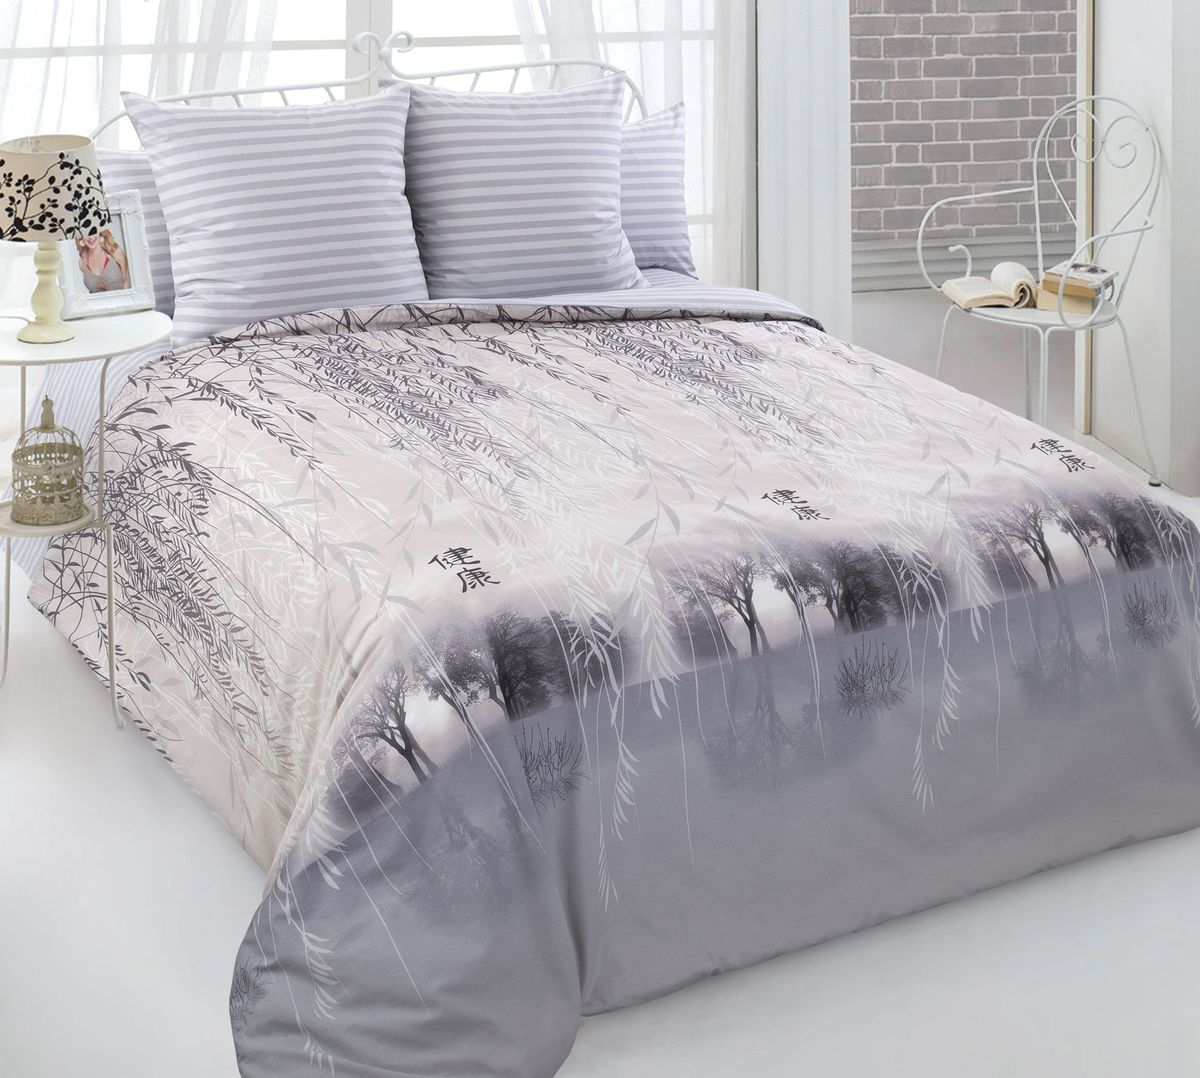 Комплект постельного белья 1,5-спальный, перкаль (Умиротворение)